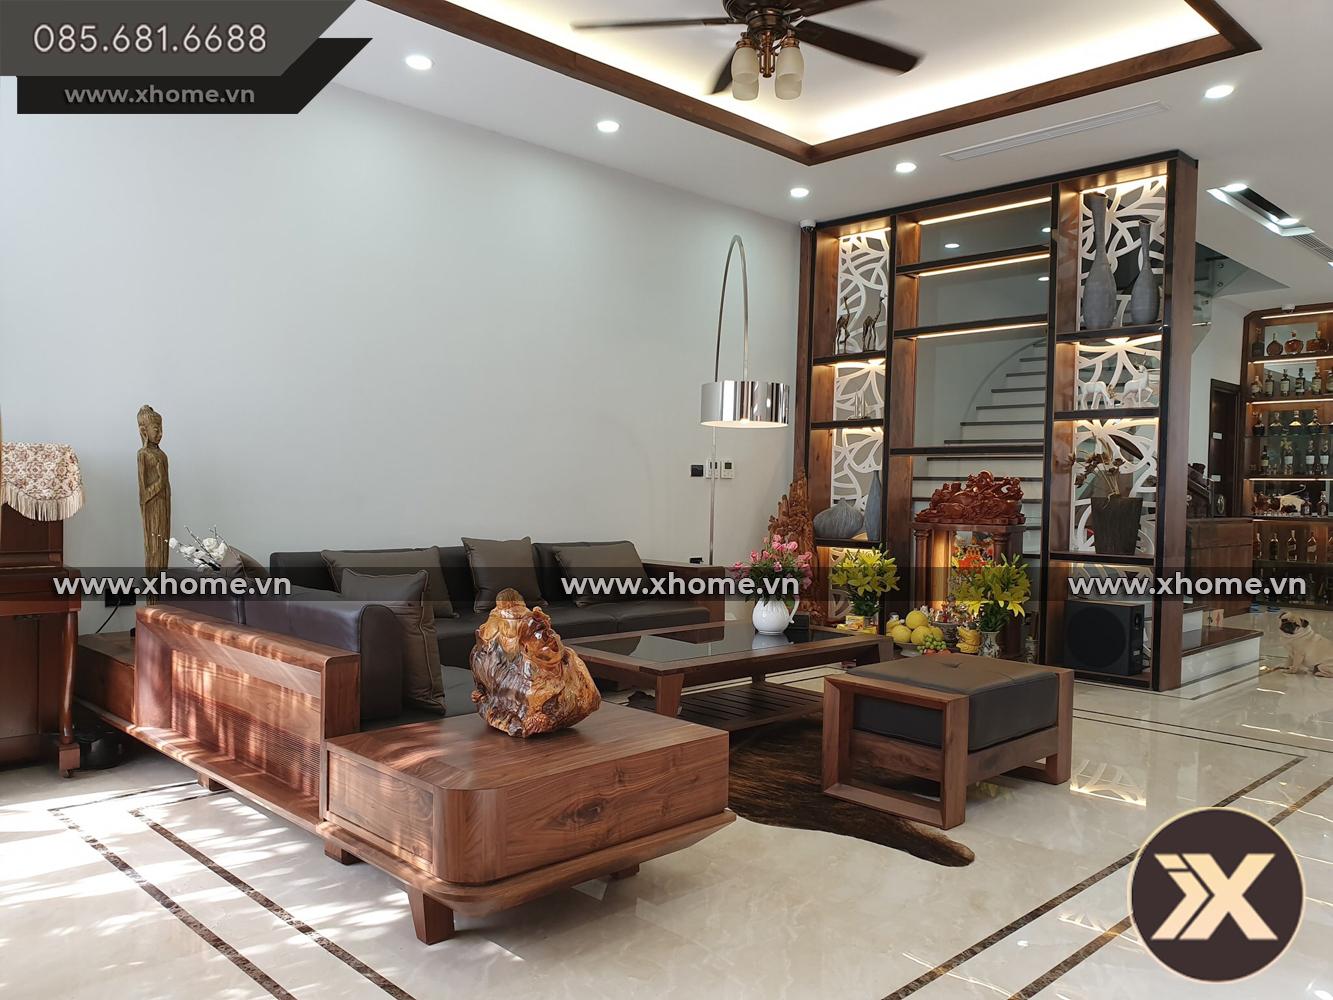 sofa go - 5 Mẹo nhỏ giúp bạn bố trí nội thất phòng khách nhỏ hẹp trở nên rộng rãi